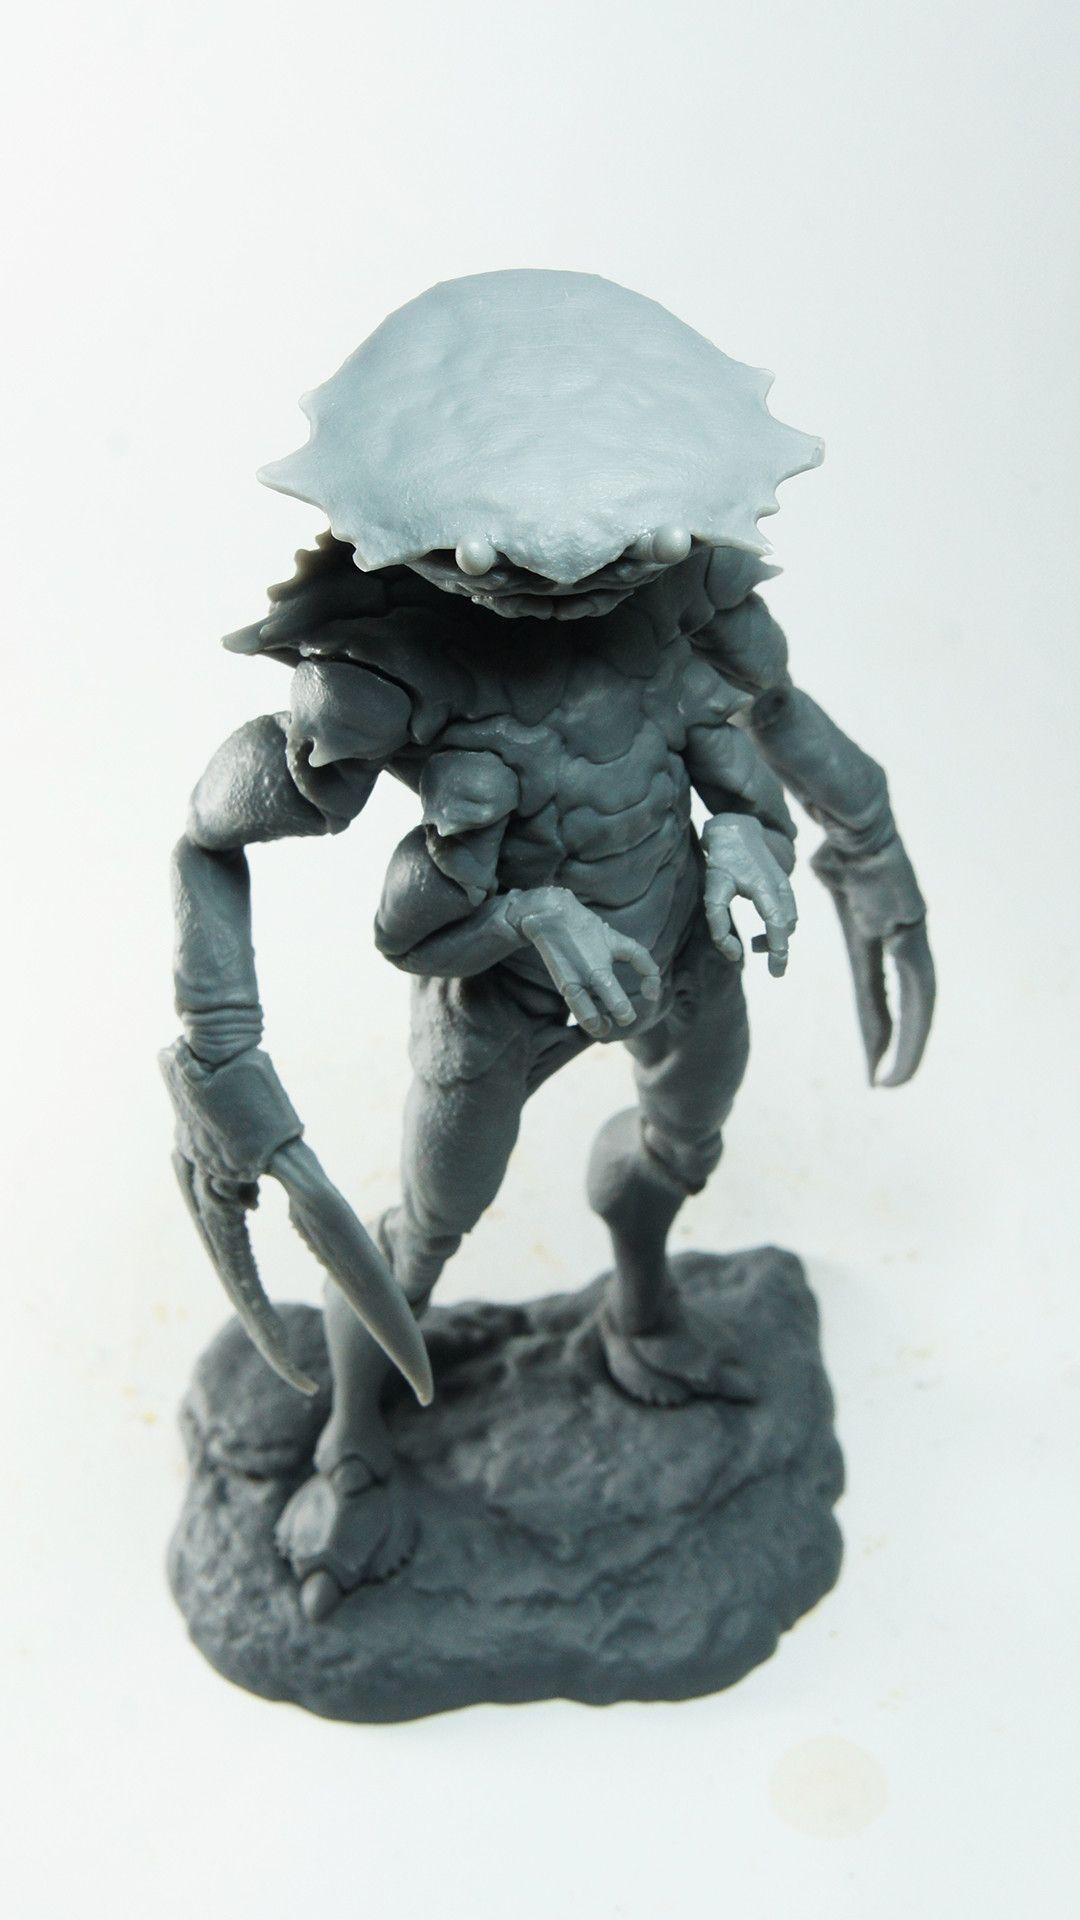 ArtStation - Chrustian Seabourne - 3D print, Paul Braddock